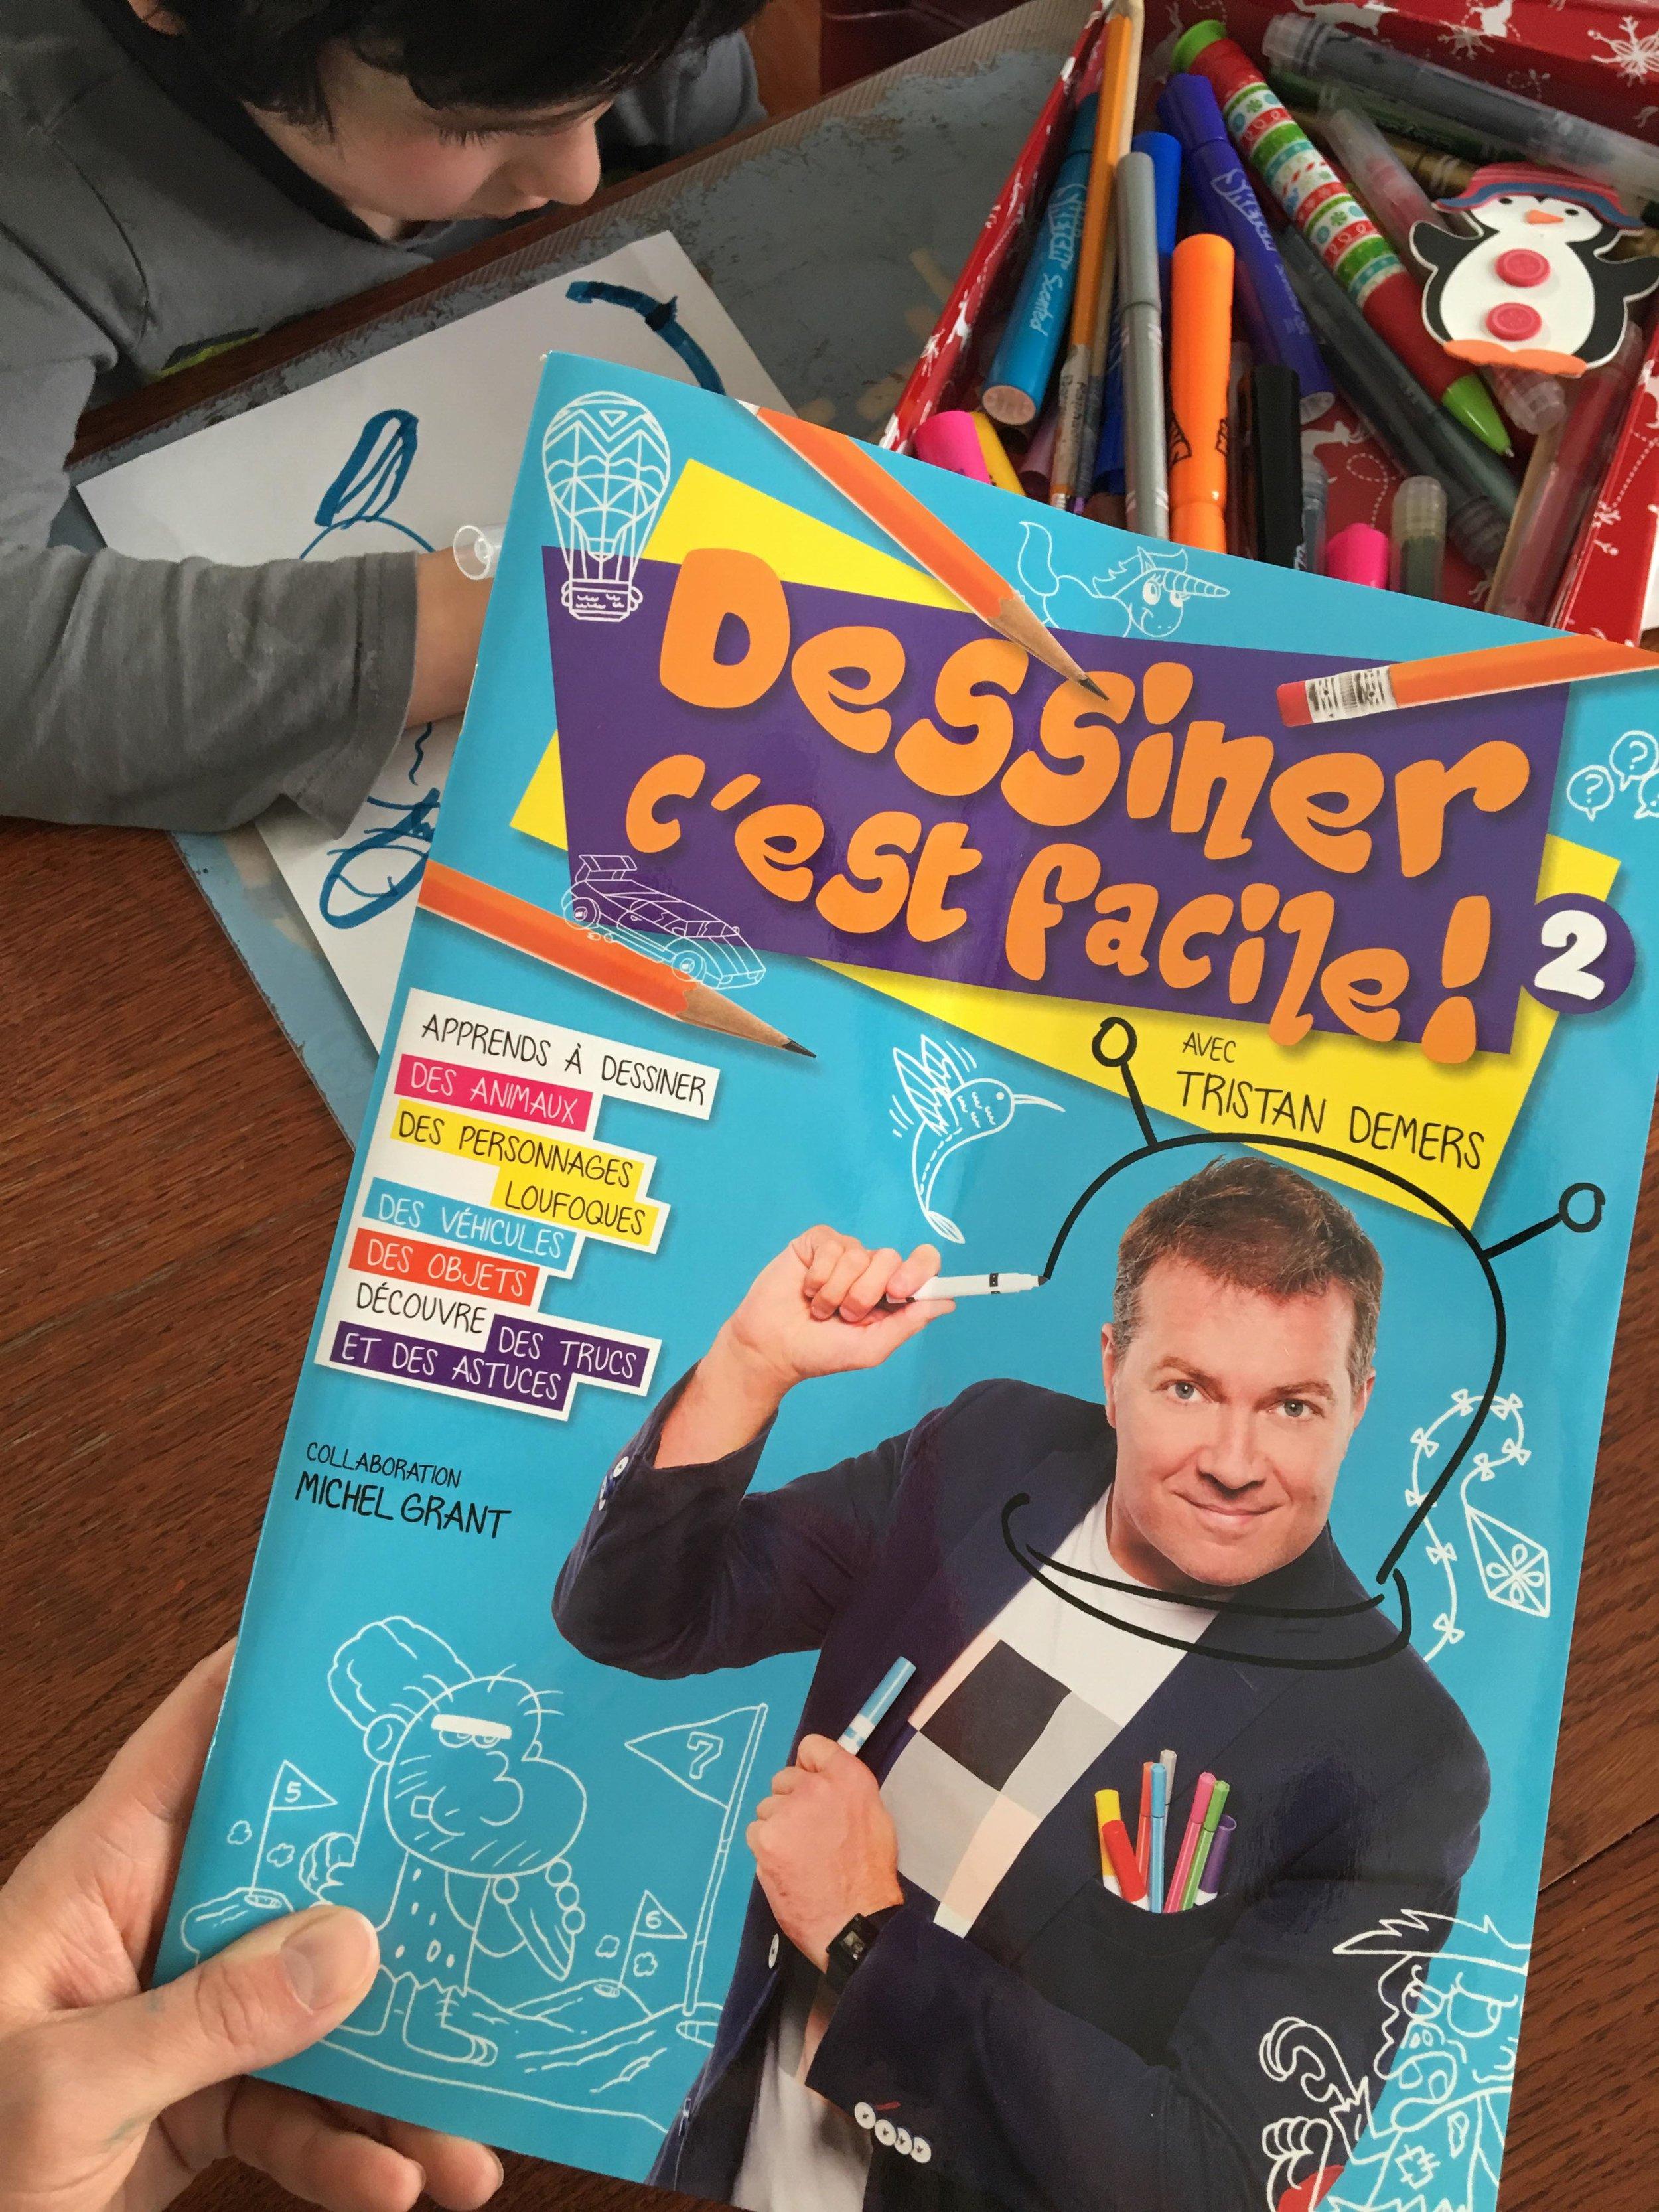 Livre-apprendre à dessiner-Dessiner c'est facile-Tristan Demers-dessin-livre jeunesse-enfant-je suis une maman